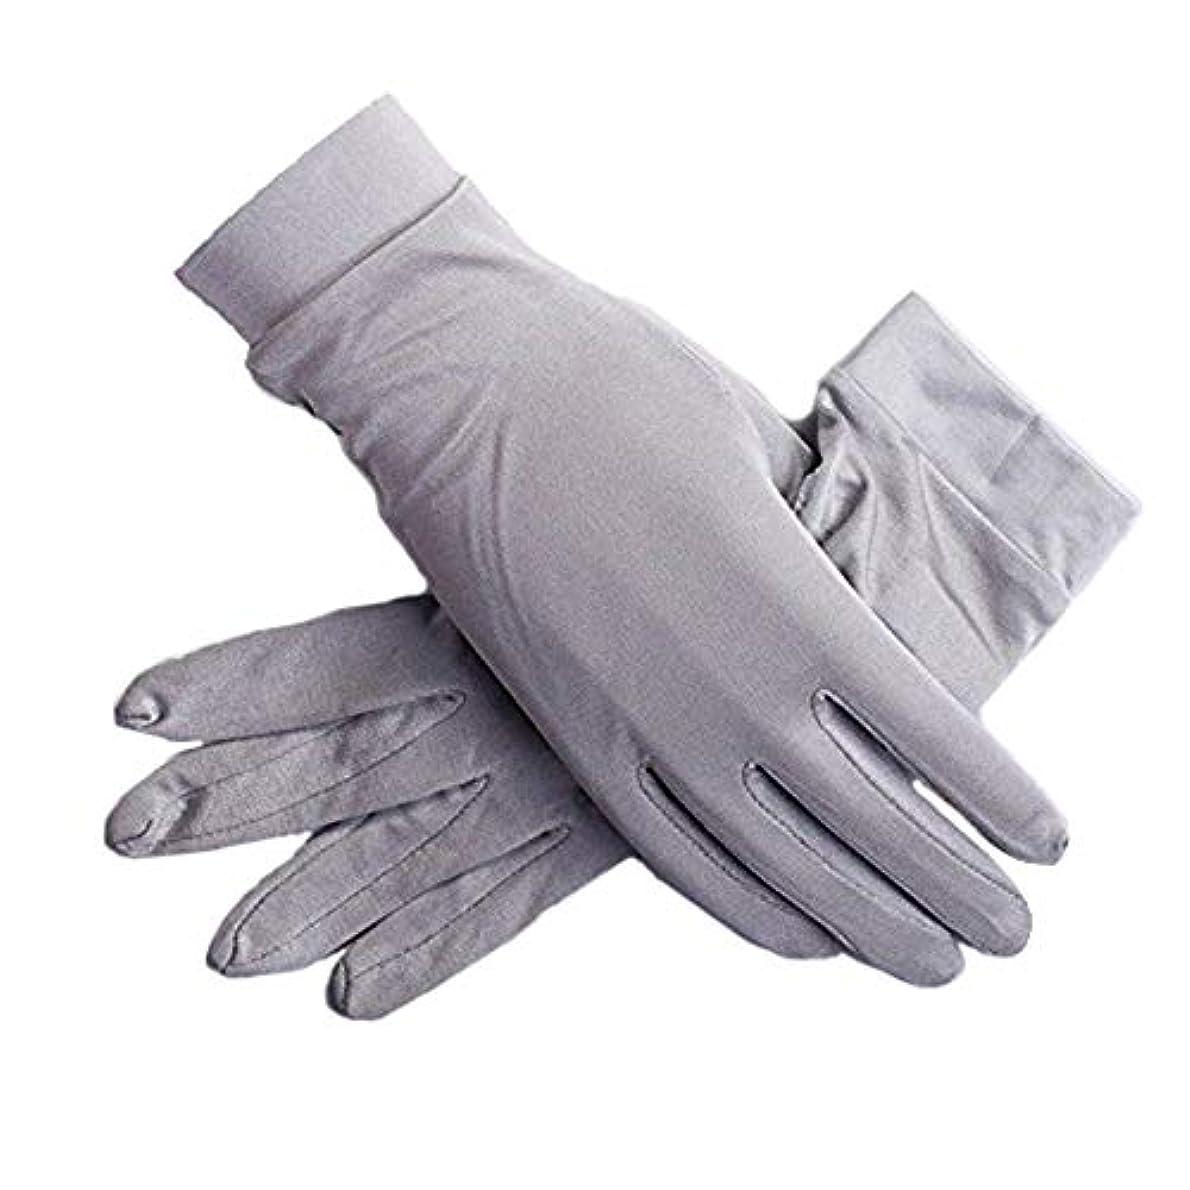 周囲上禁輸メンズ シルク手袋 手袋 シルク おやすみ 手触り夏 ハンド ケア レディース日焼け防止 が良い 紫外線 保湿